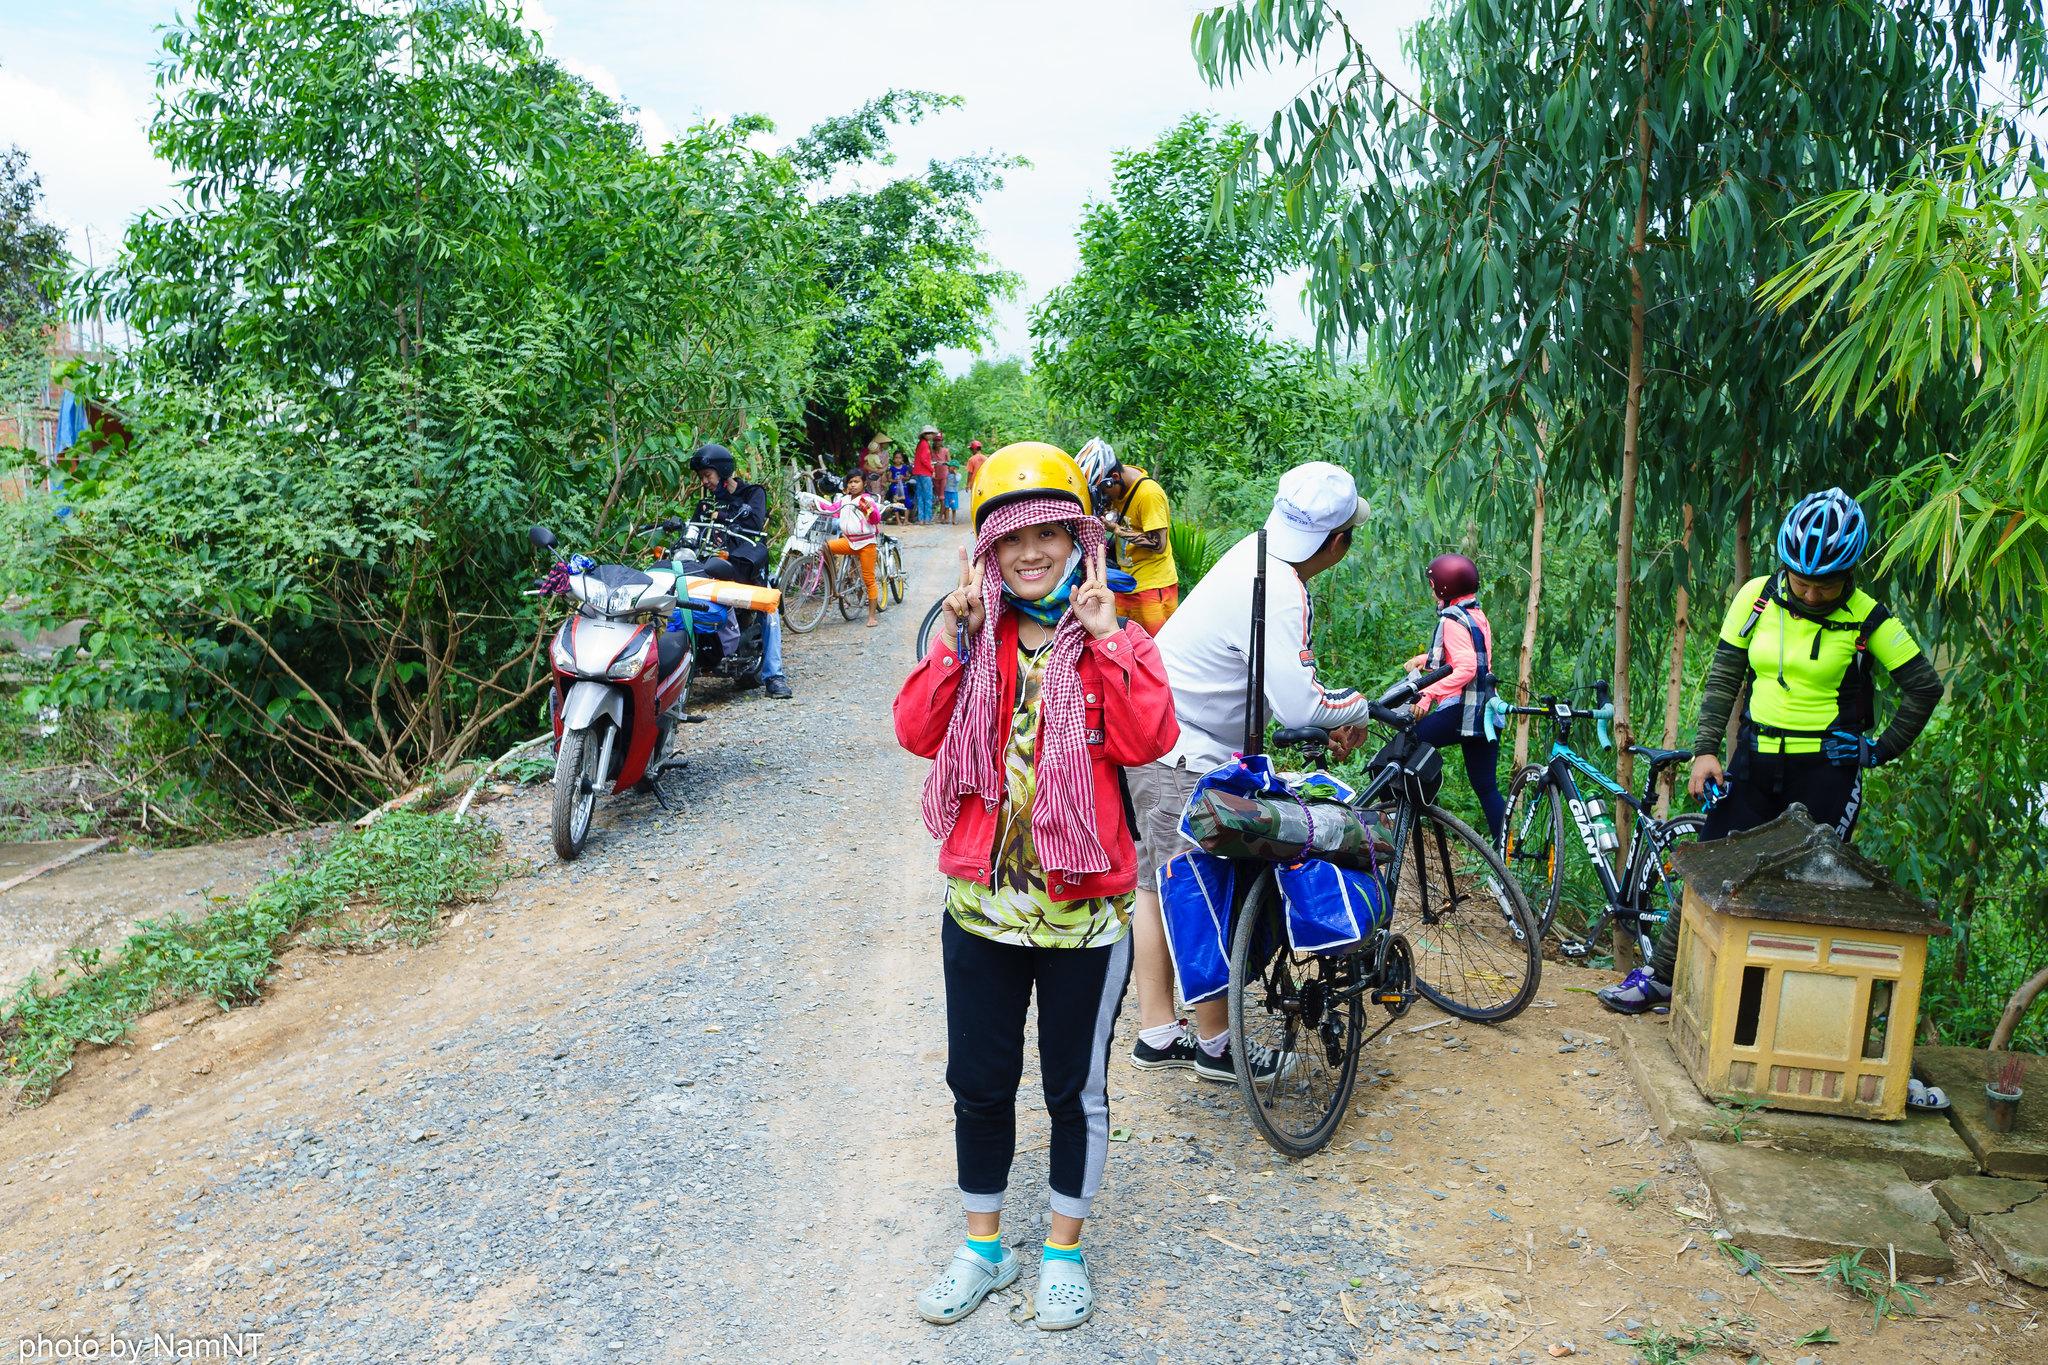 21405086375 ed9aad3aae k - SG- Tân An Mộc Hóa : Khám phá làng nổi Tân Lập